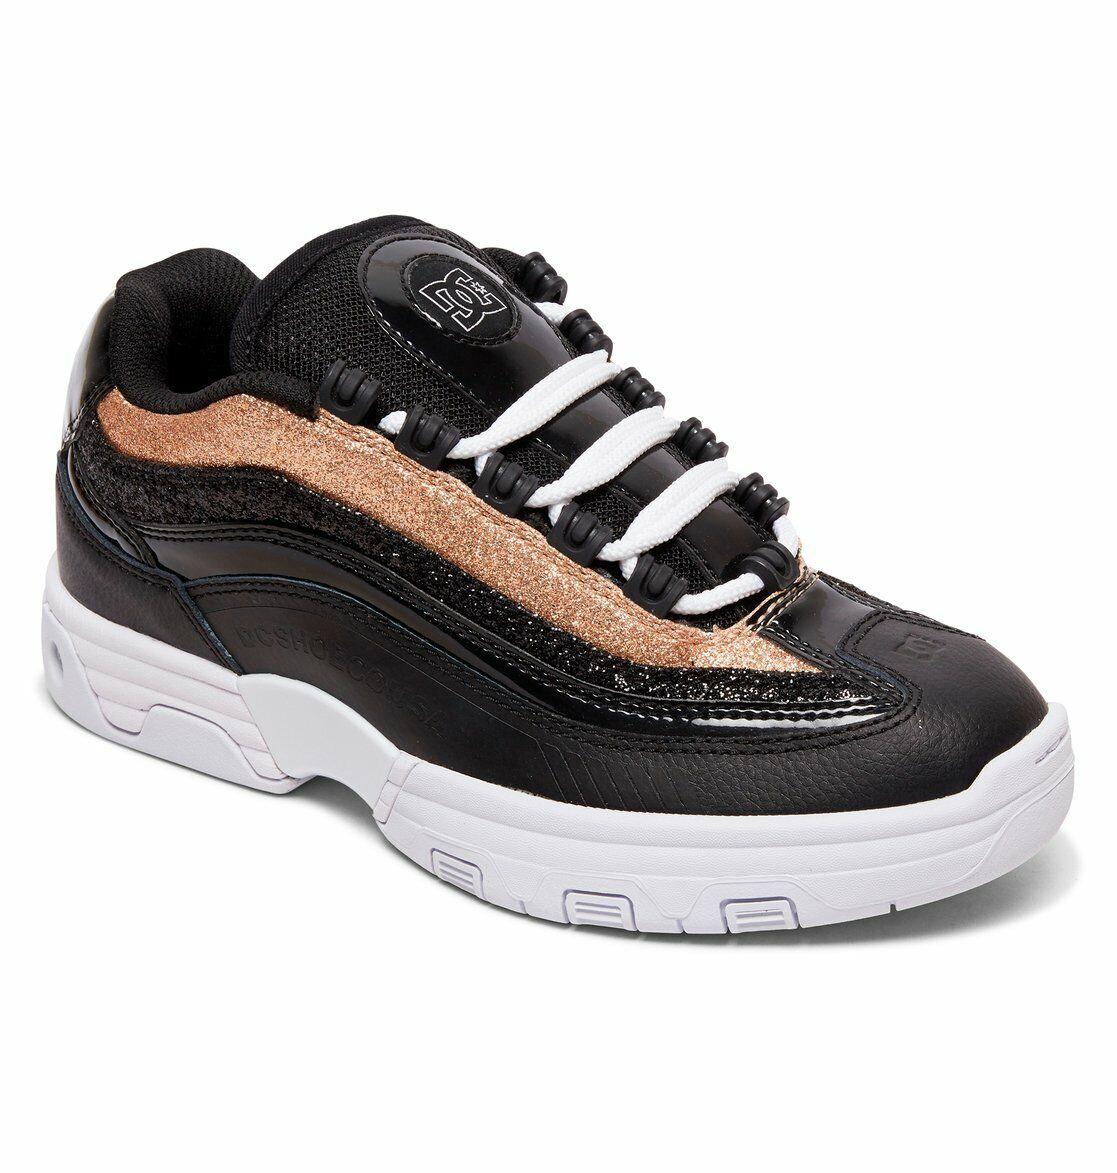 Dc Shoes Legacy Lite Noir - Or ADJS100129 201 Femmes UK 5 - 8